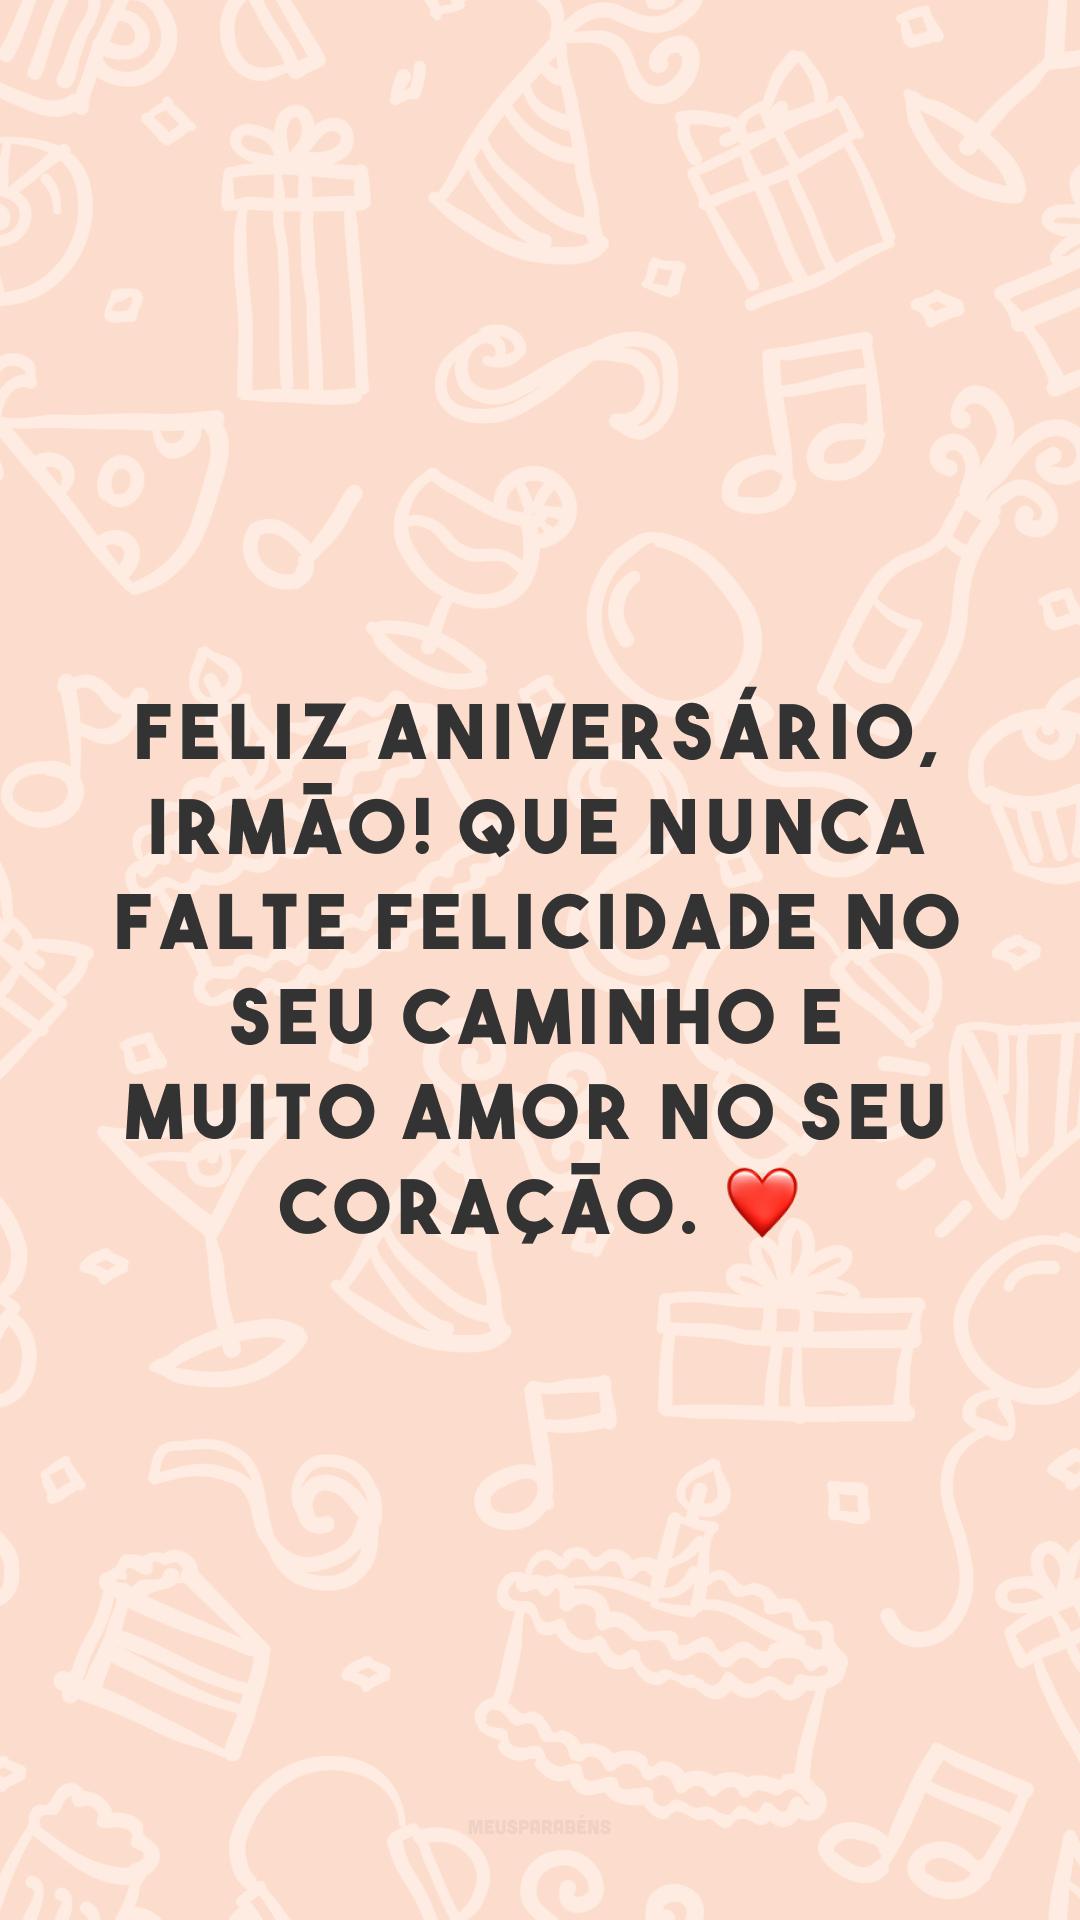 Feliz aniversário, irmão! Que nunca falte felicidade no seu caminho e muito amor no seu coração. ❤